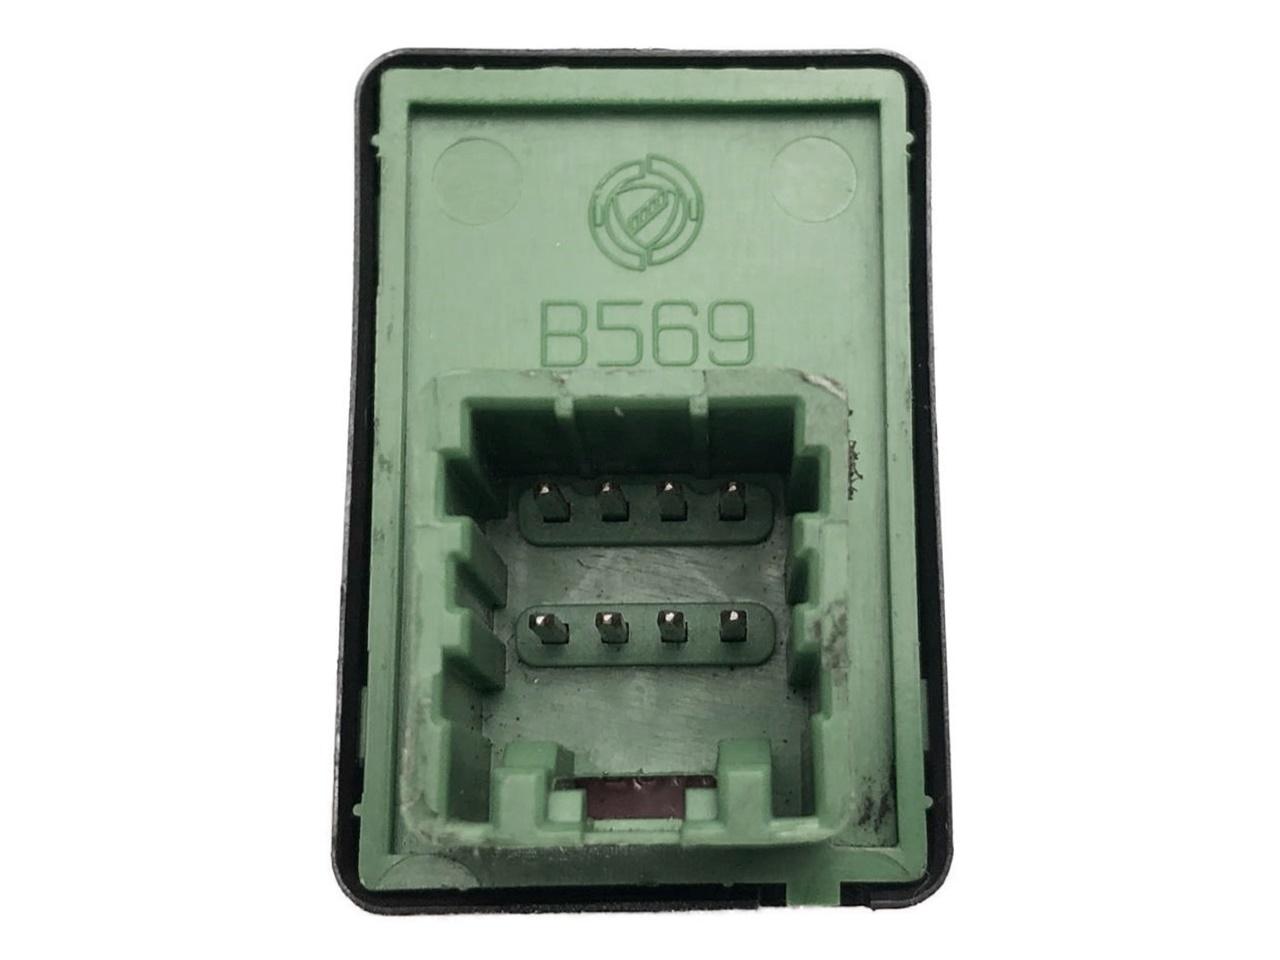 Botão Interruptor de Retrovisor Elétrico Traseira Verde da Porta Fiat Palio Strada Siena Idea G3 05 06 07 08 09 010 011 012 013 014 015 016 017 018 019 020